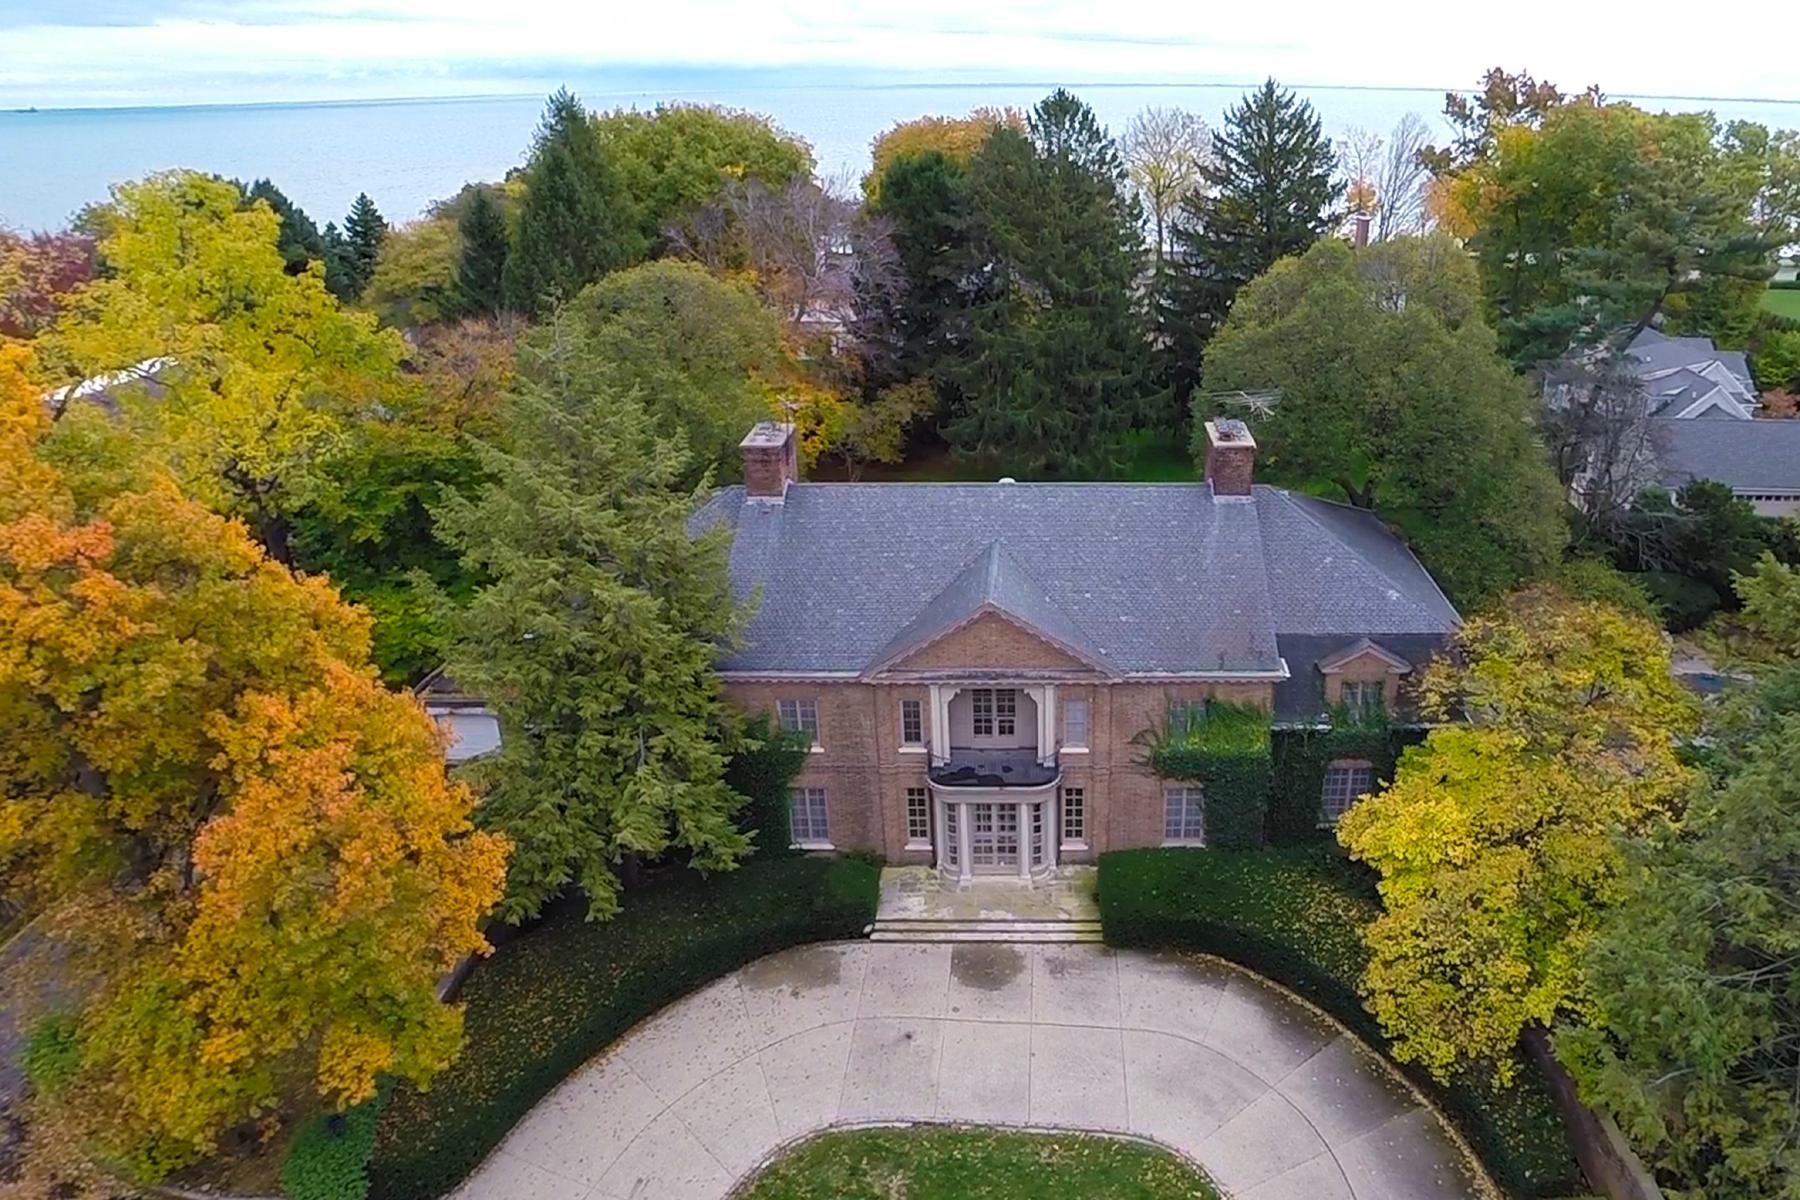 Частный односемейный дом для того Продажа на Grosse Pointe Farms 30 Preston Grosse Pointe Farms, Мичиган, 48236 Соединенные Штаты